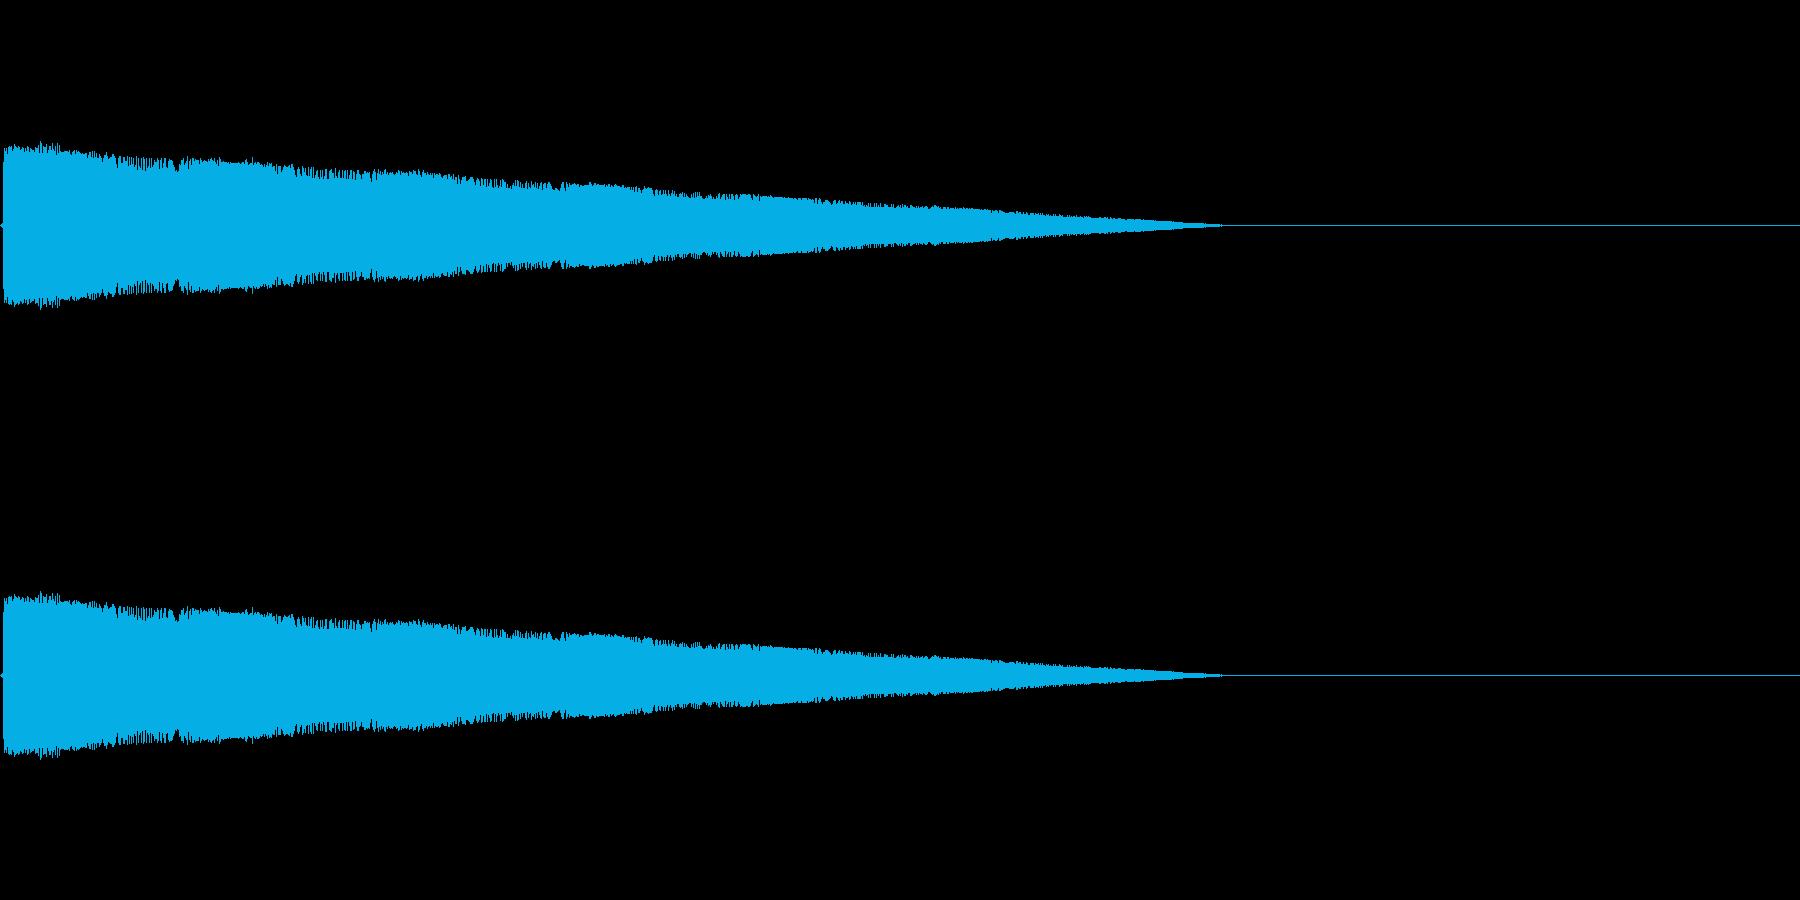 レトロゲーム風レーザーショット1の再生済みの波形